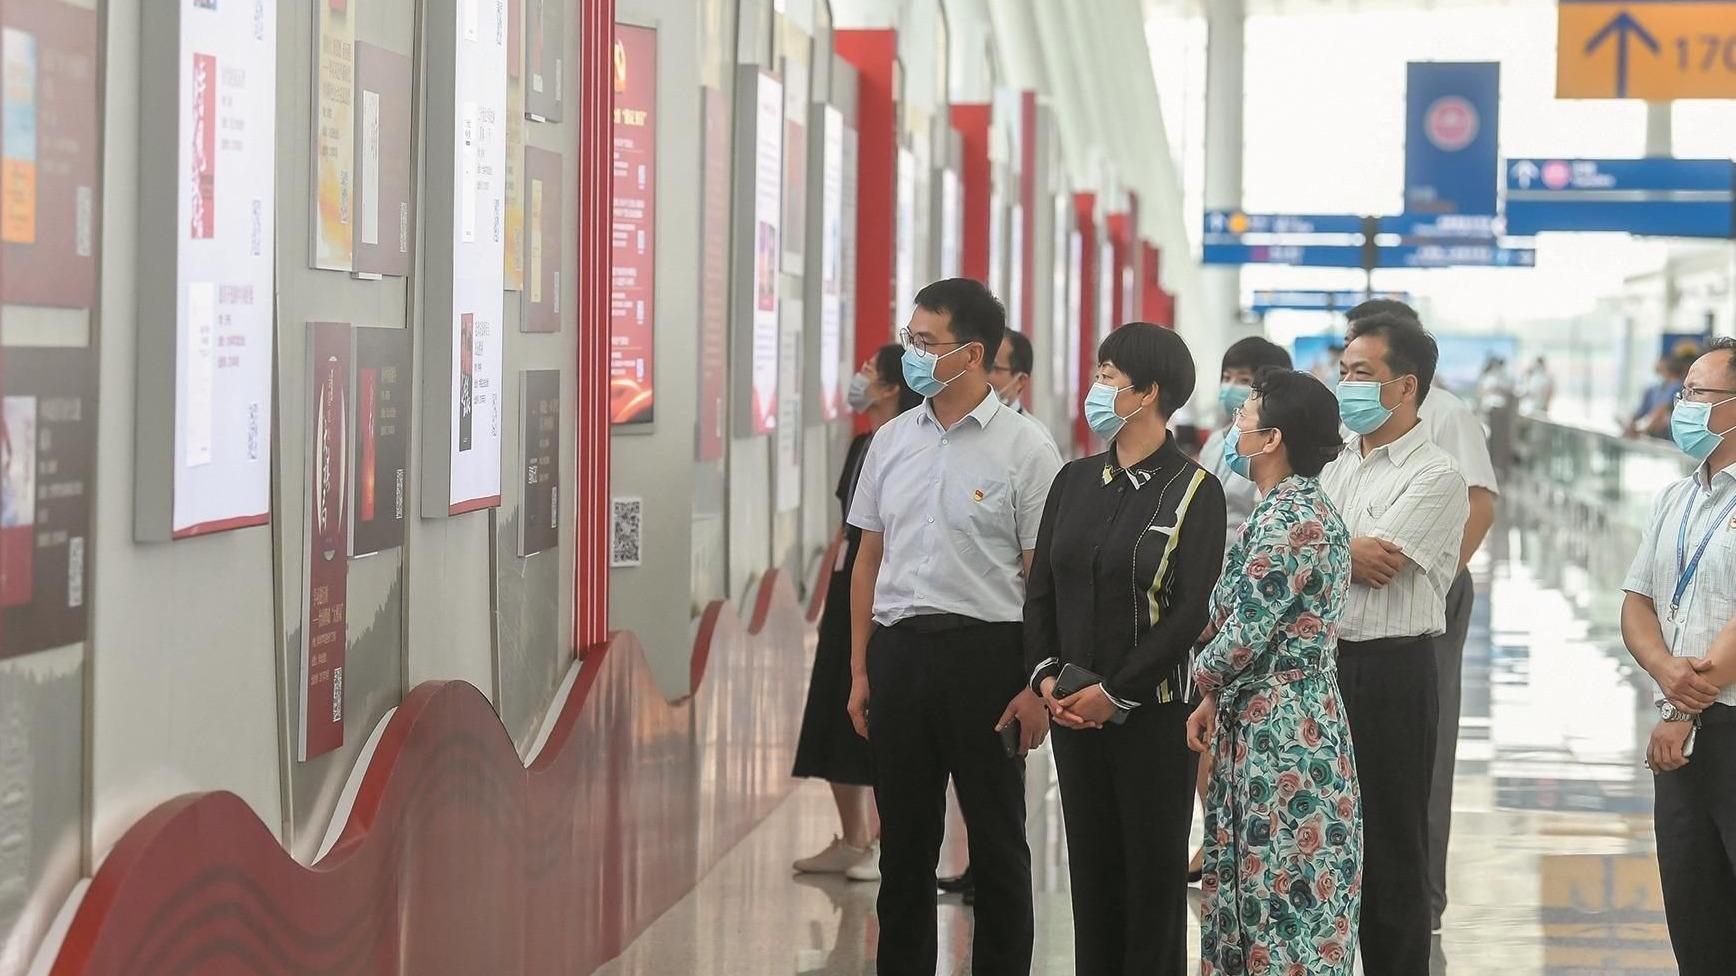 百米紅色經典長廊亮相天河機場